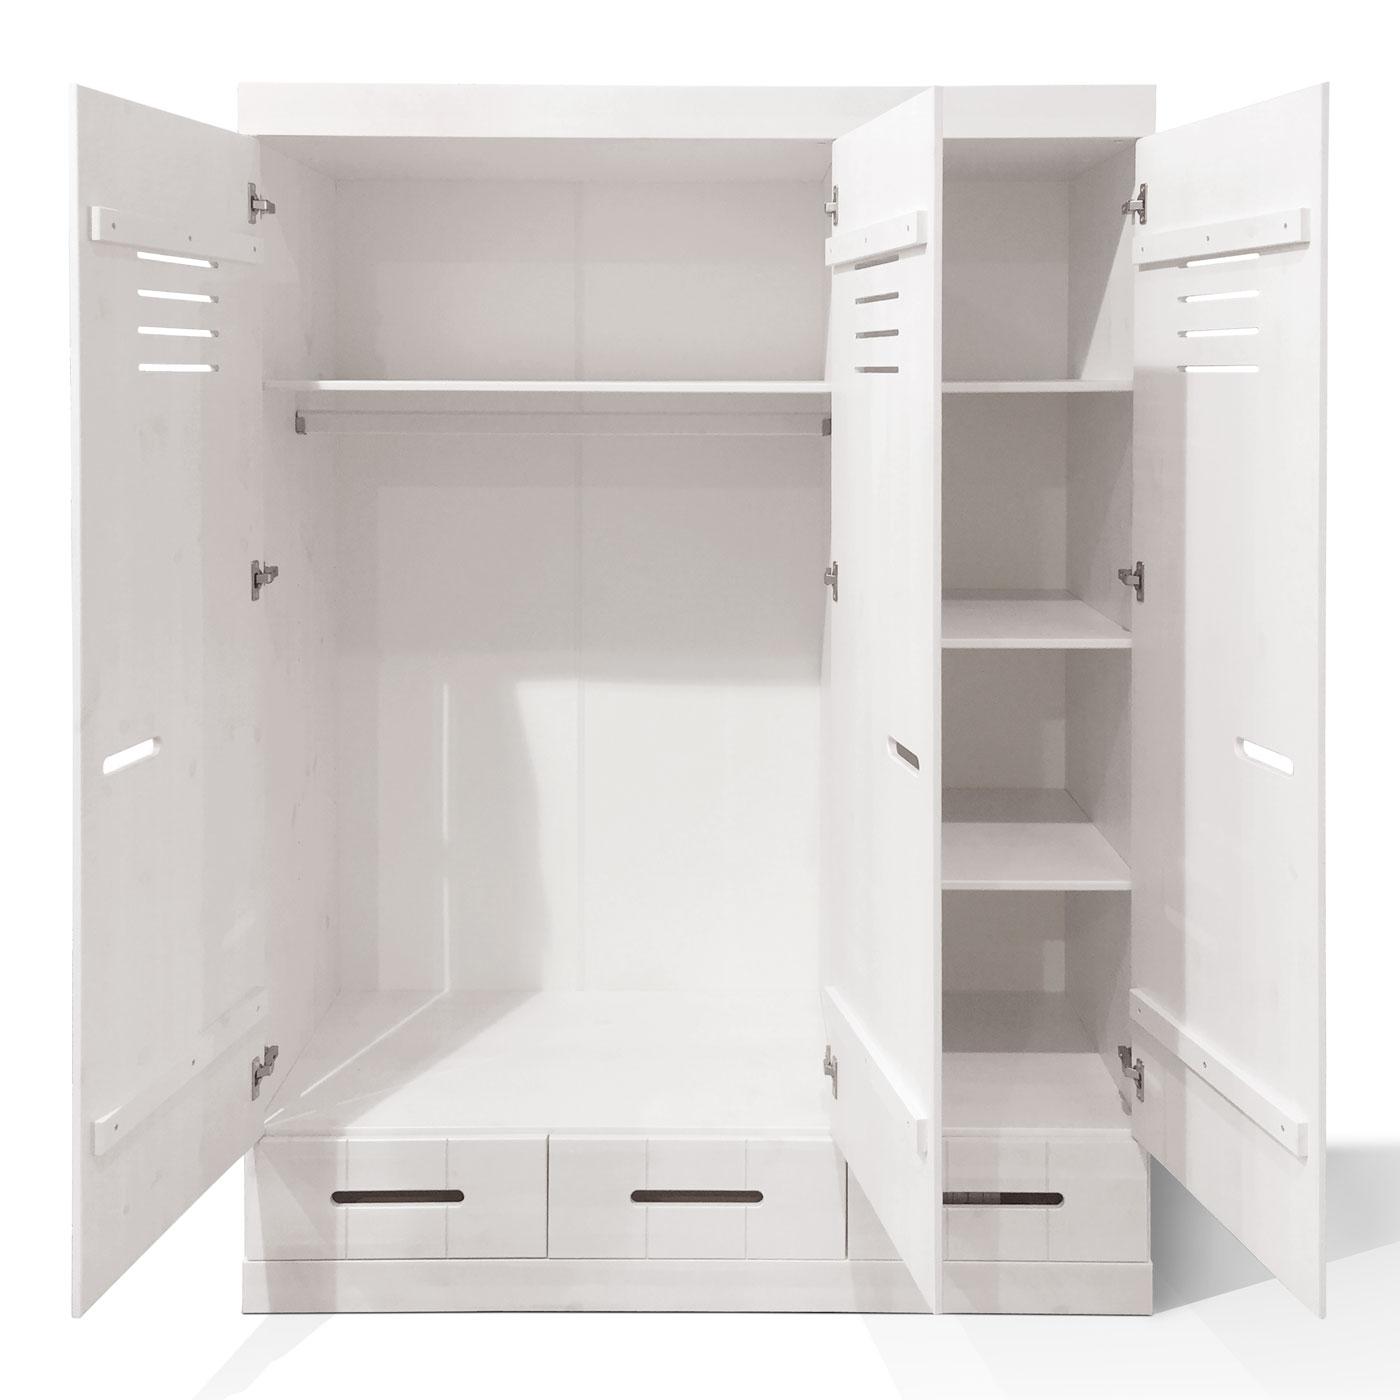 kleiderschrank f r das jugendzimmer kiefer massiv derby. Black Bedroom Furniture Sets. Home Design Ideas